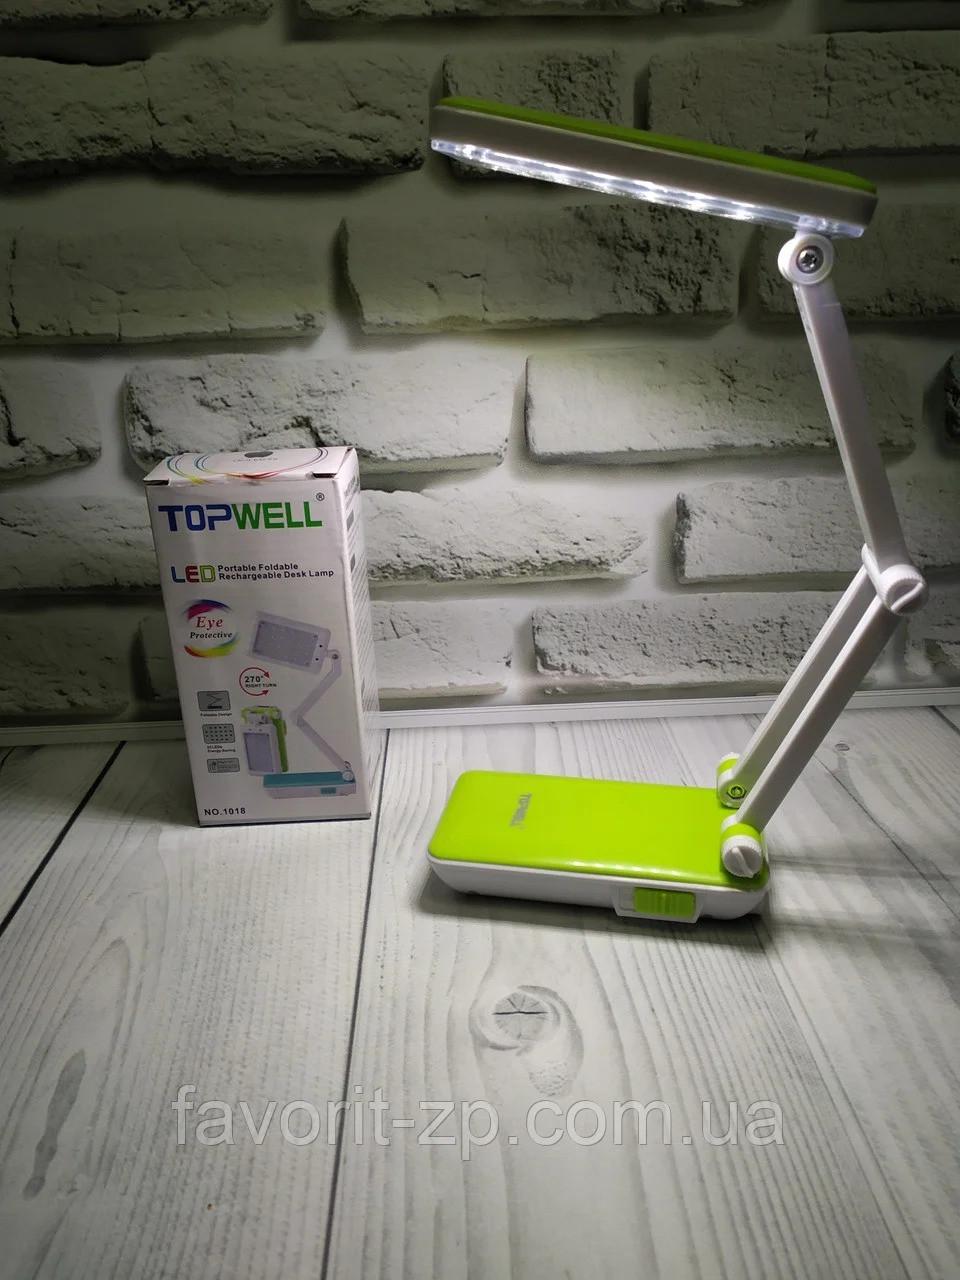 Настольная лампа трансформер Topwel 20LED LED-666